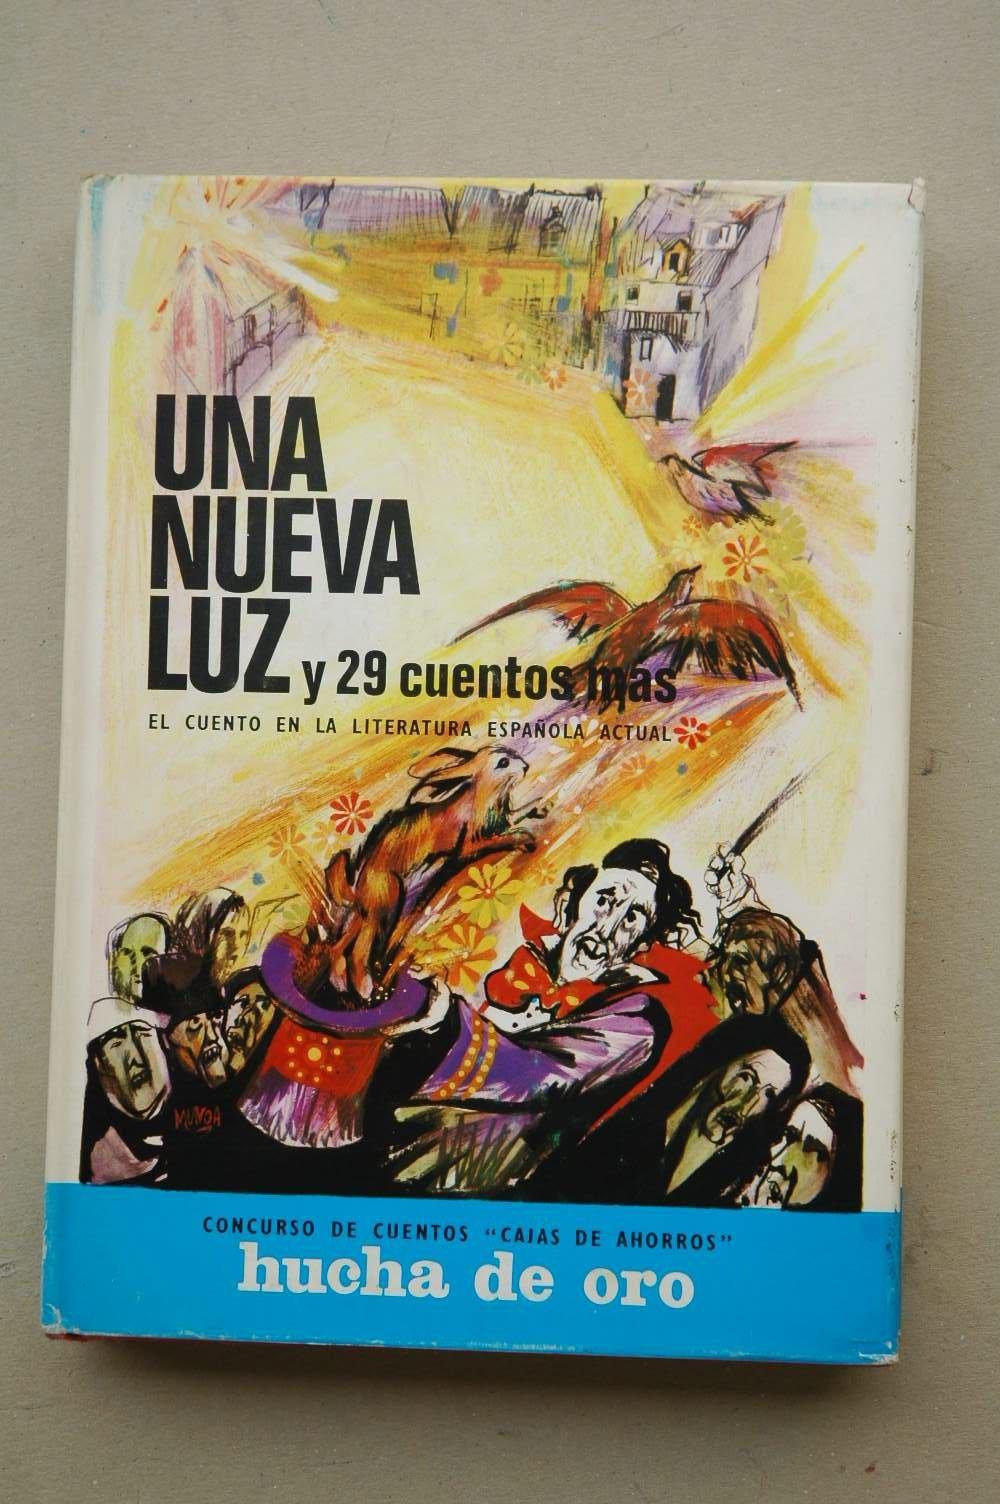 Una NUEVA luz y 29 cuentos más : el cuento en la literatura española actual: Amazon.es: VARIOS AUTORES: Libros